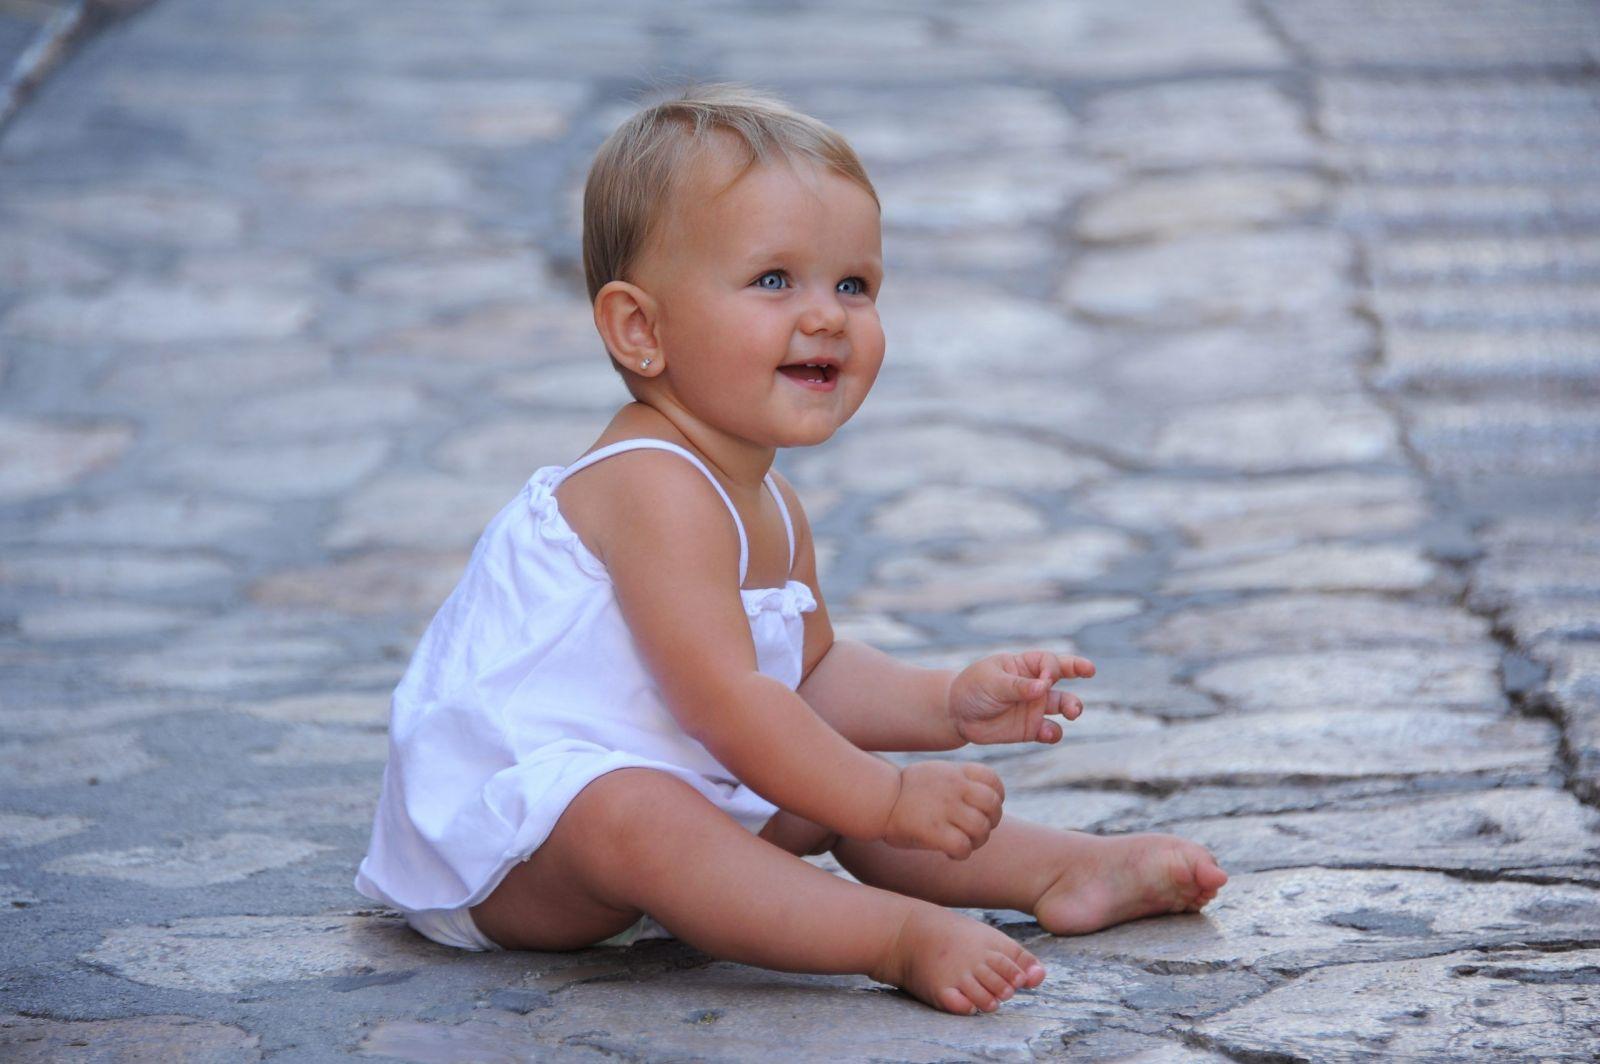 fotografo-embarazada-familia-barcelona-sitges-tarragona-119